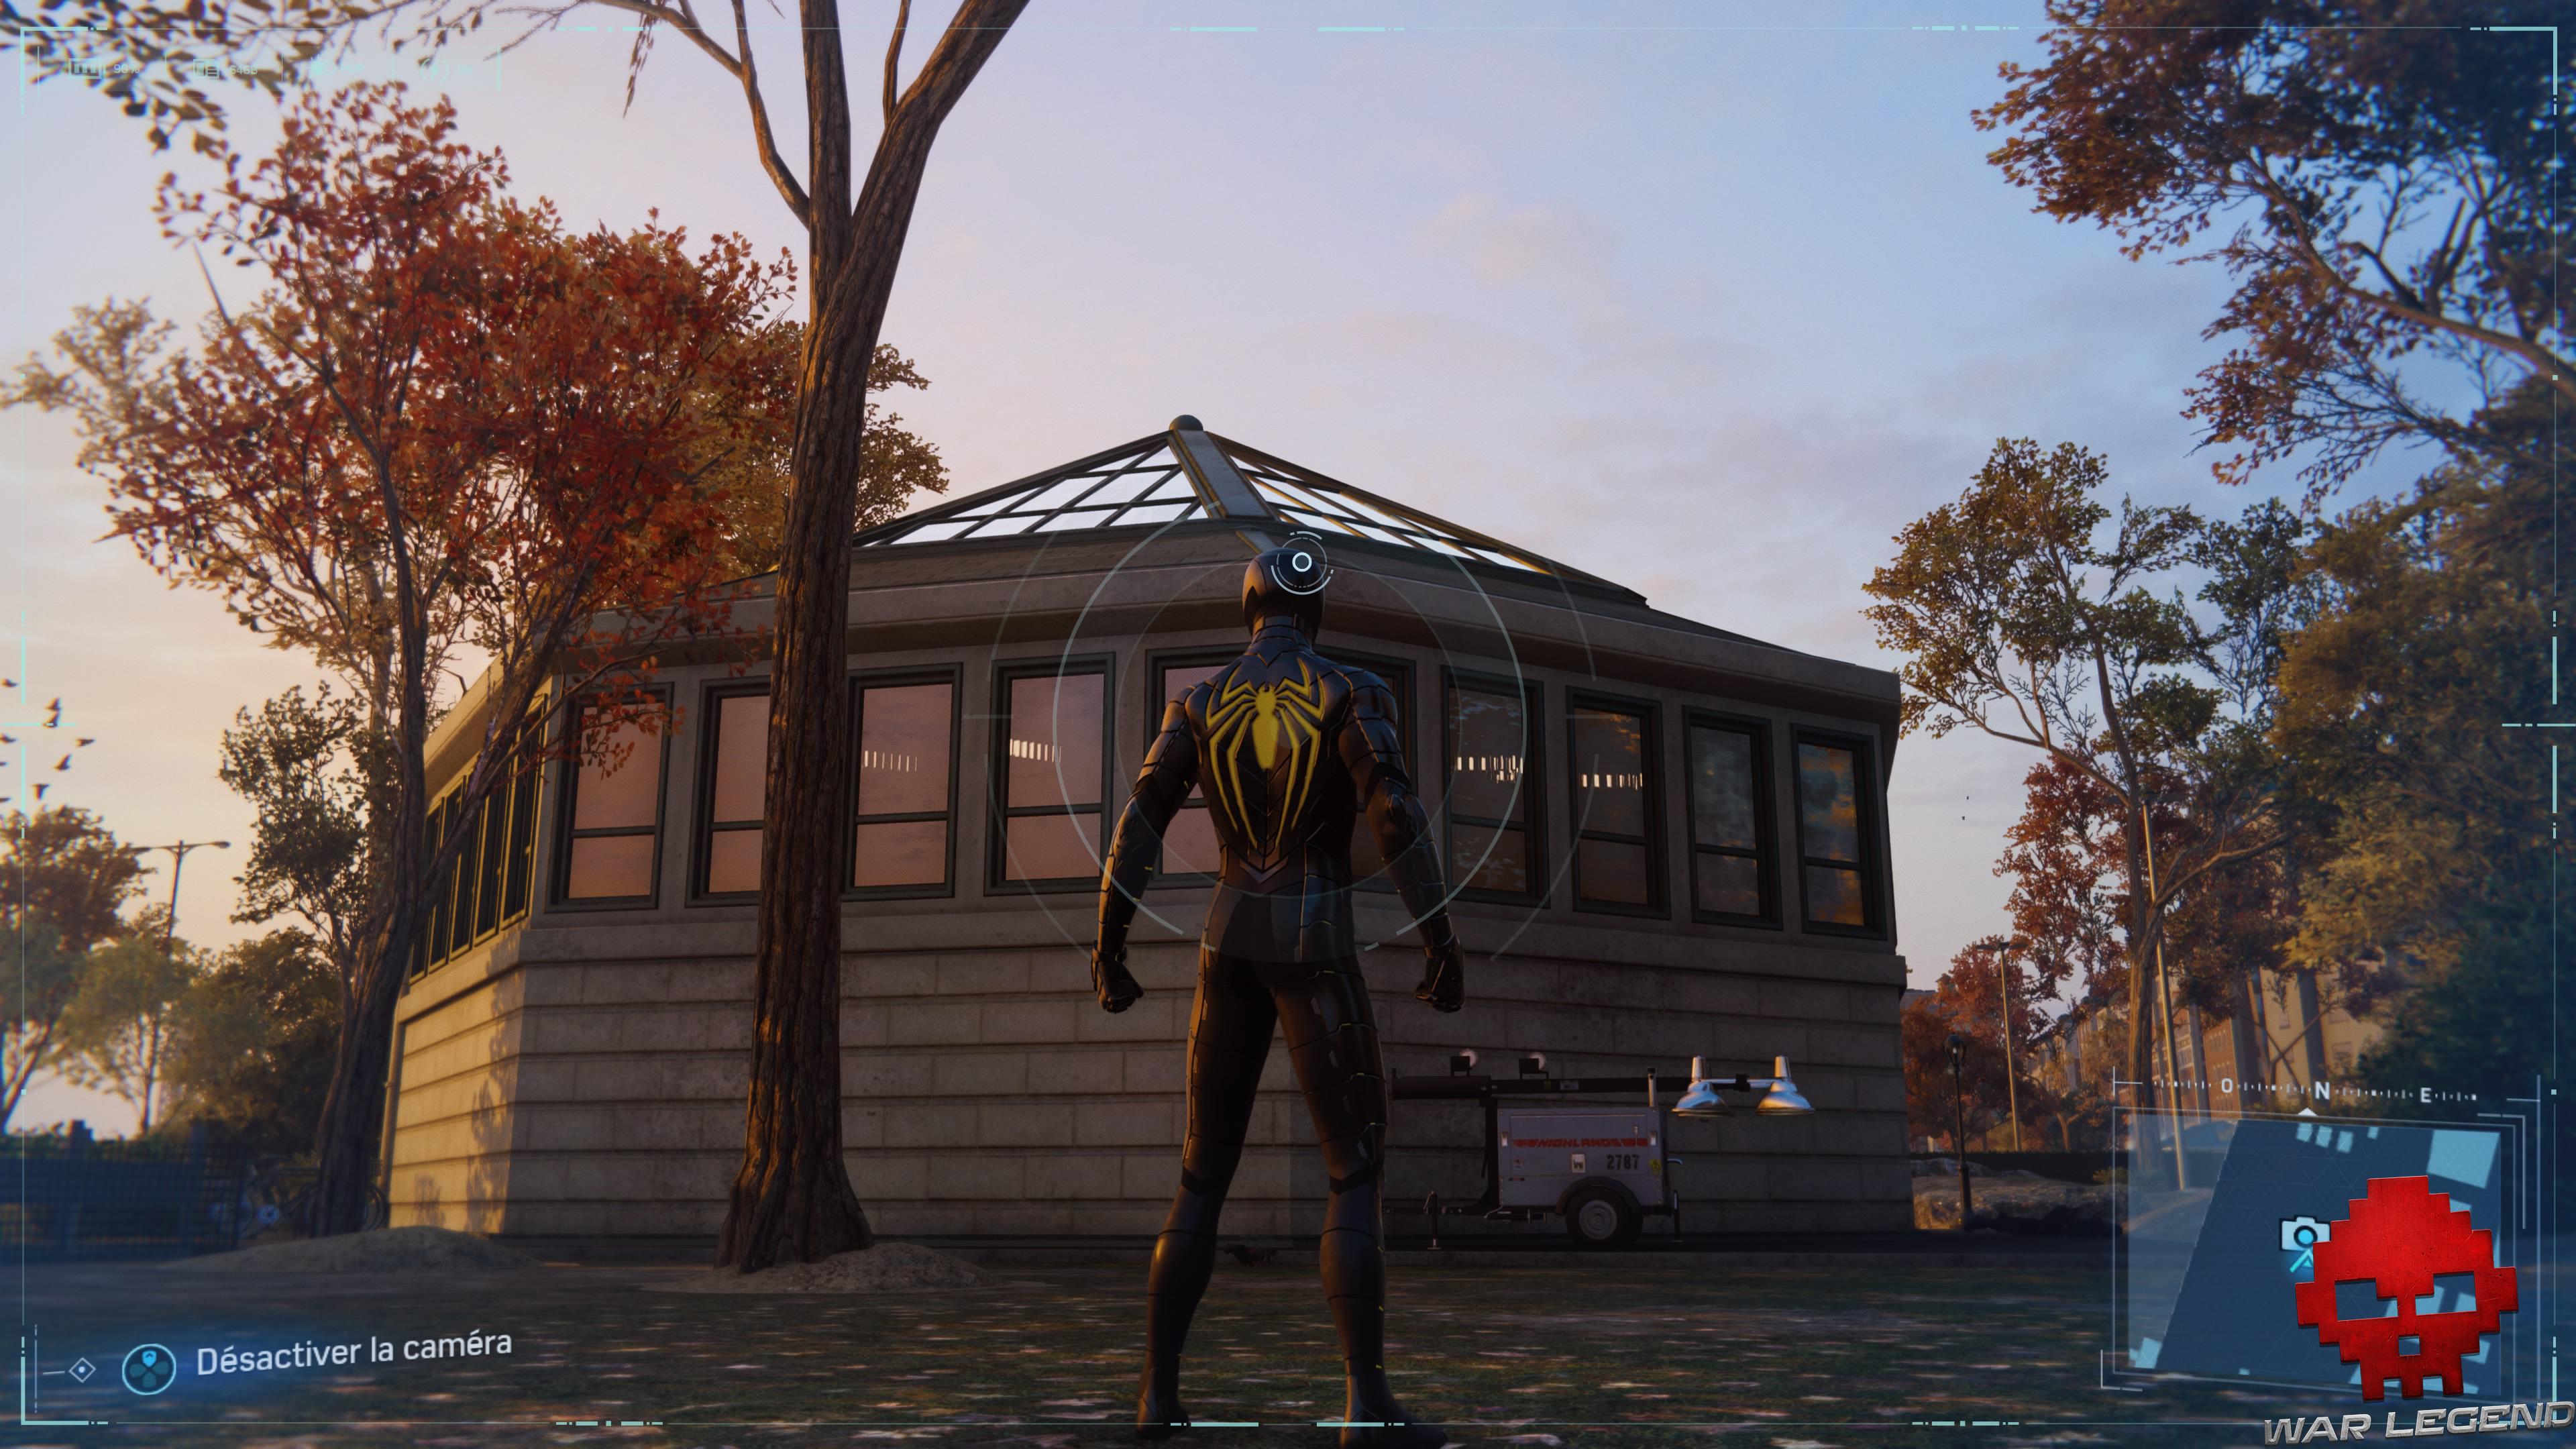 Spider-Man photo secrète kiosque de jardin